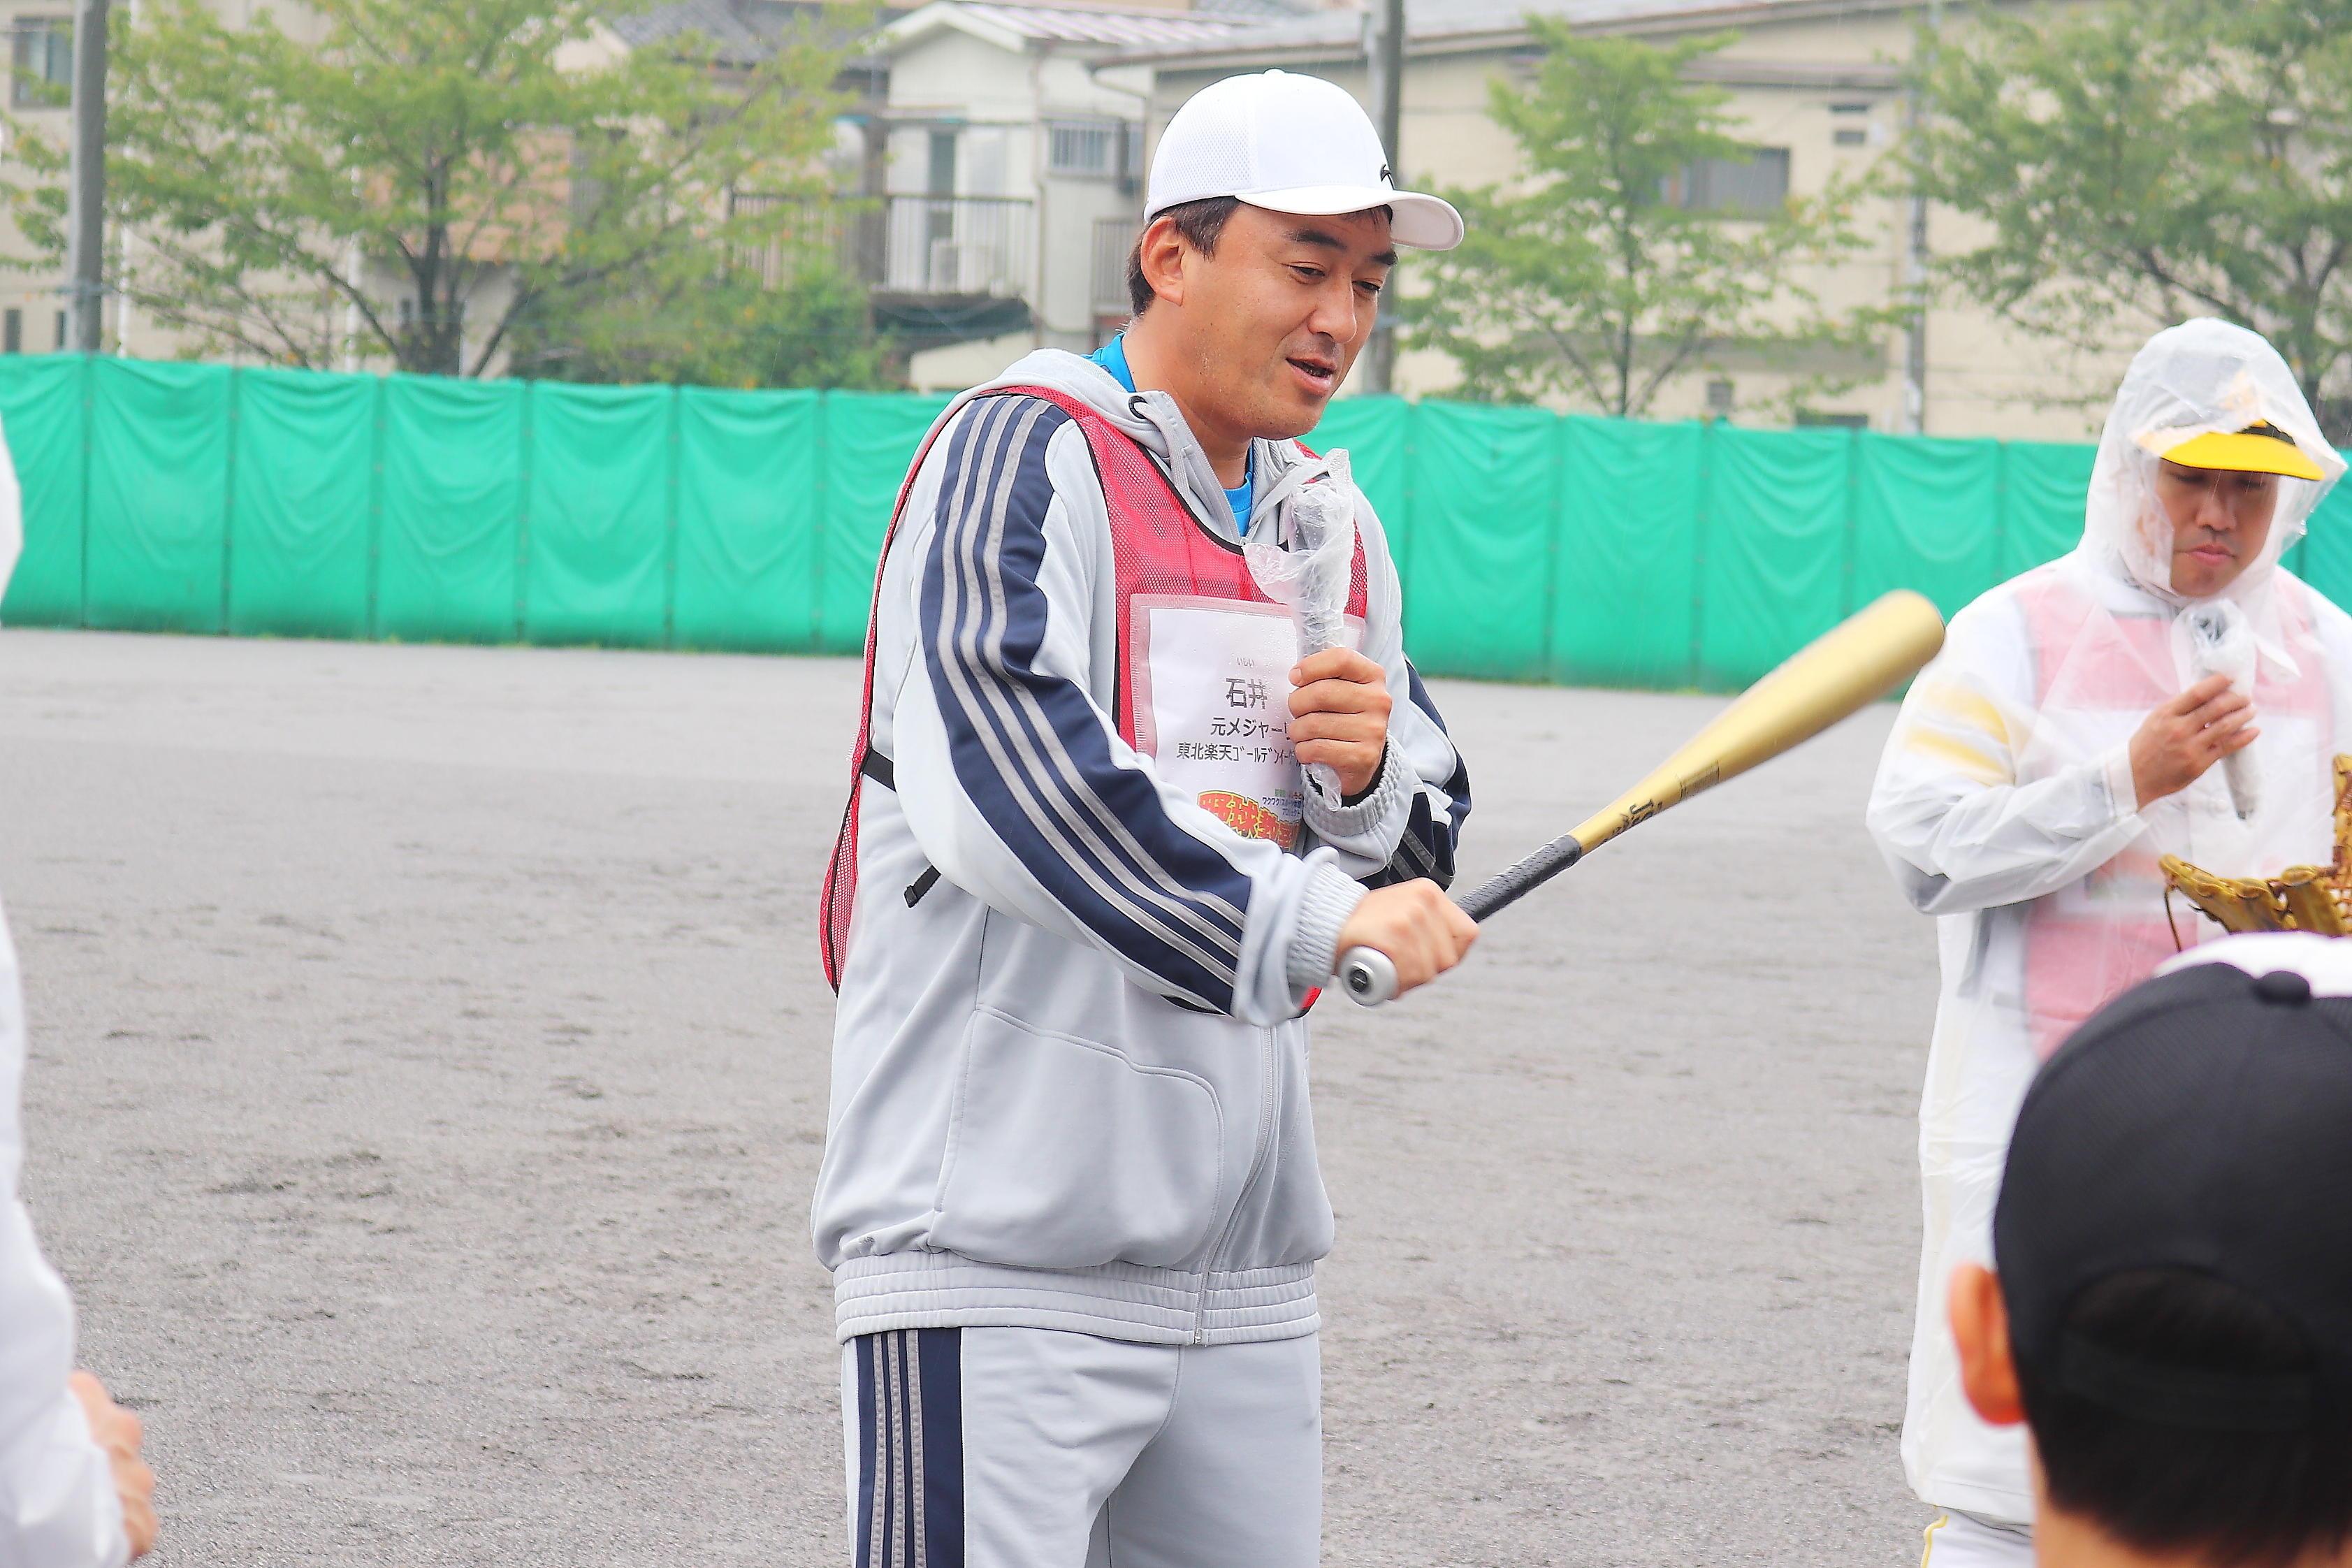 http://news.yoshimoto.co.jp/20181003214028-2daa278246ab3f42da0e6c2f3976a56e6d1516af.jpg